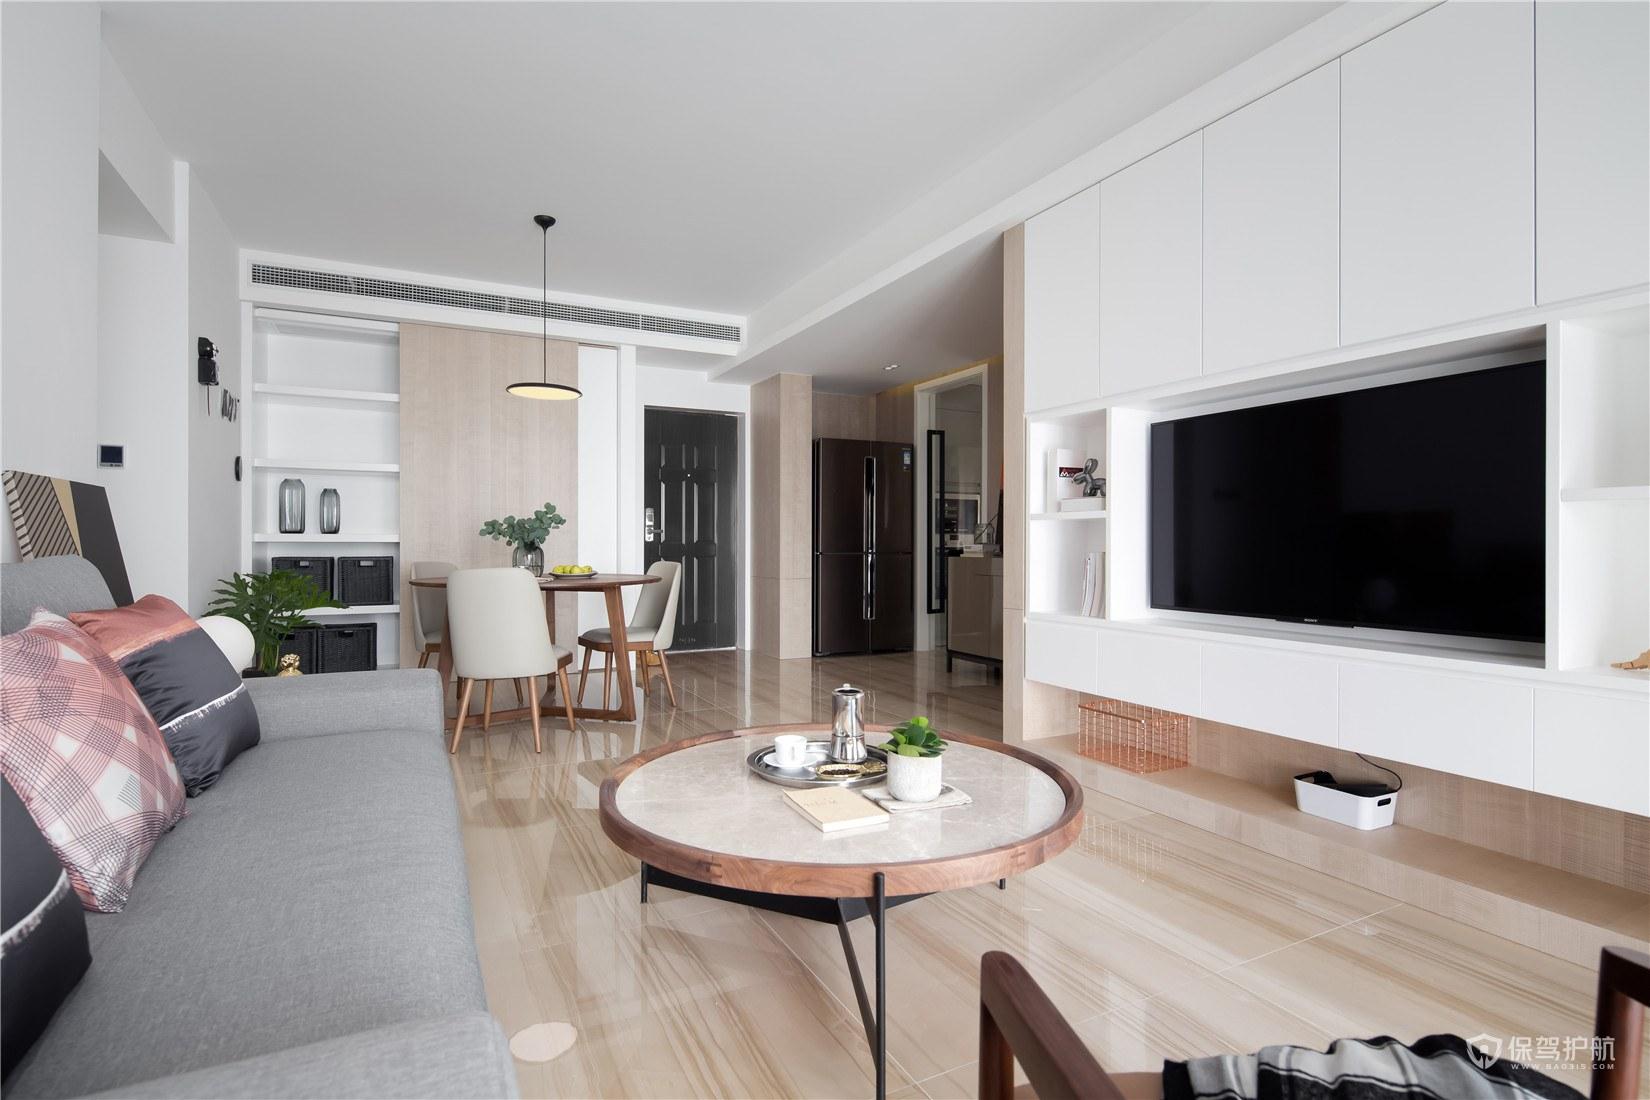 日式电视墙装修流程,客厅电视背景墙怎么装修?